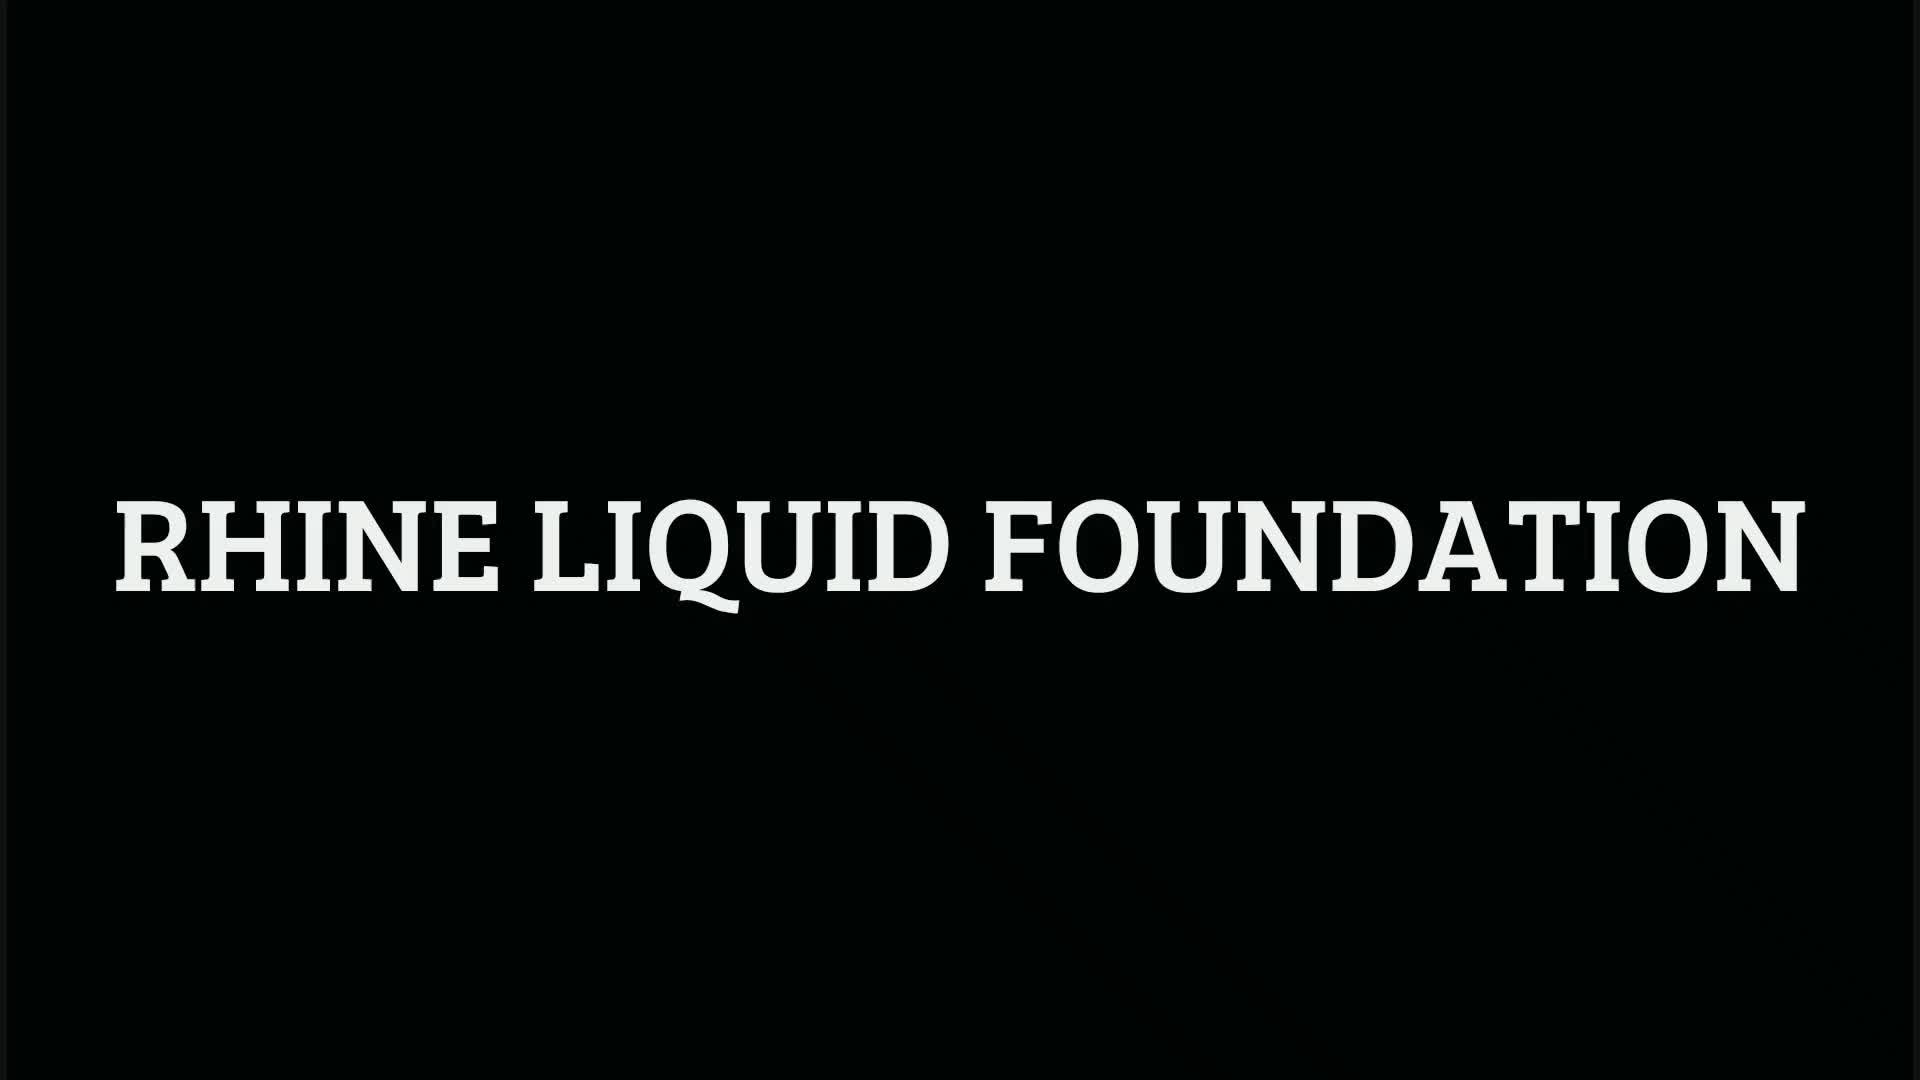 ที่ดีที่สุดขายแต่งหน้าเครื่องสำอางยาวนานธรรมชาติสวมใส่ฝาครอบสีดำหัวปั๊ม Liquid Foundation ฉลากส่วนตัว